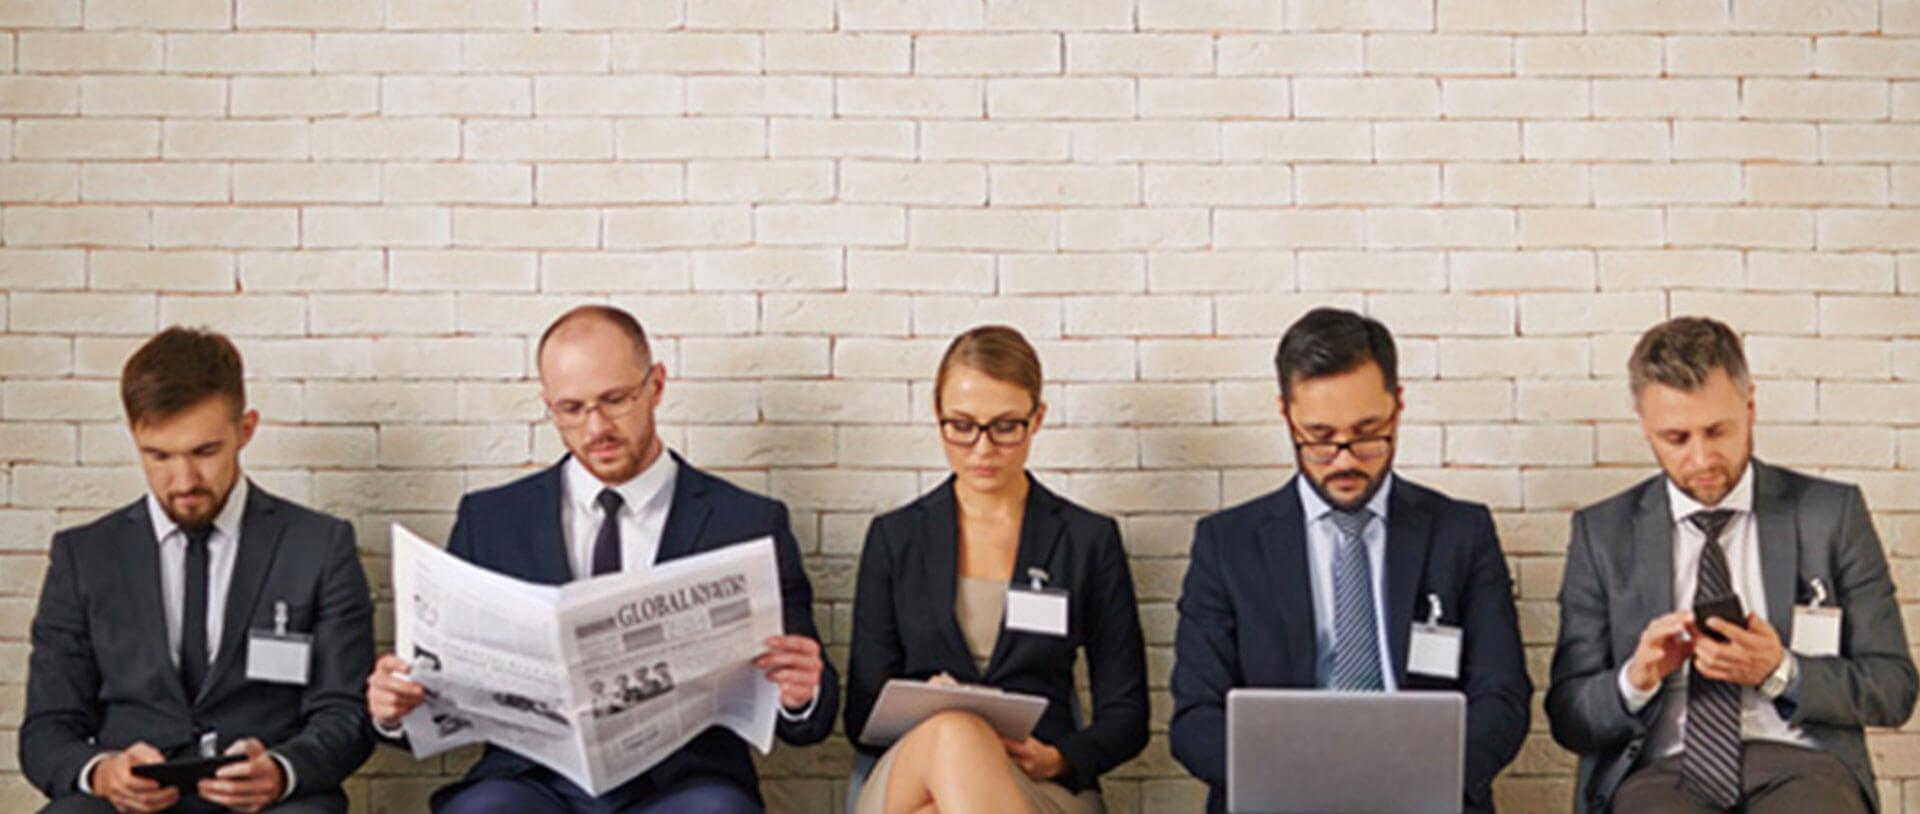 Как лучше вести бизнес: как индивидуальный предприниматель или как фирма